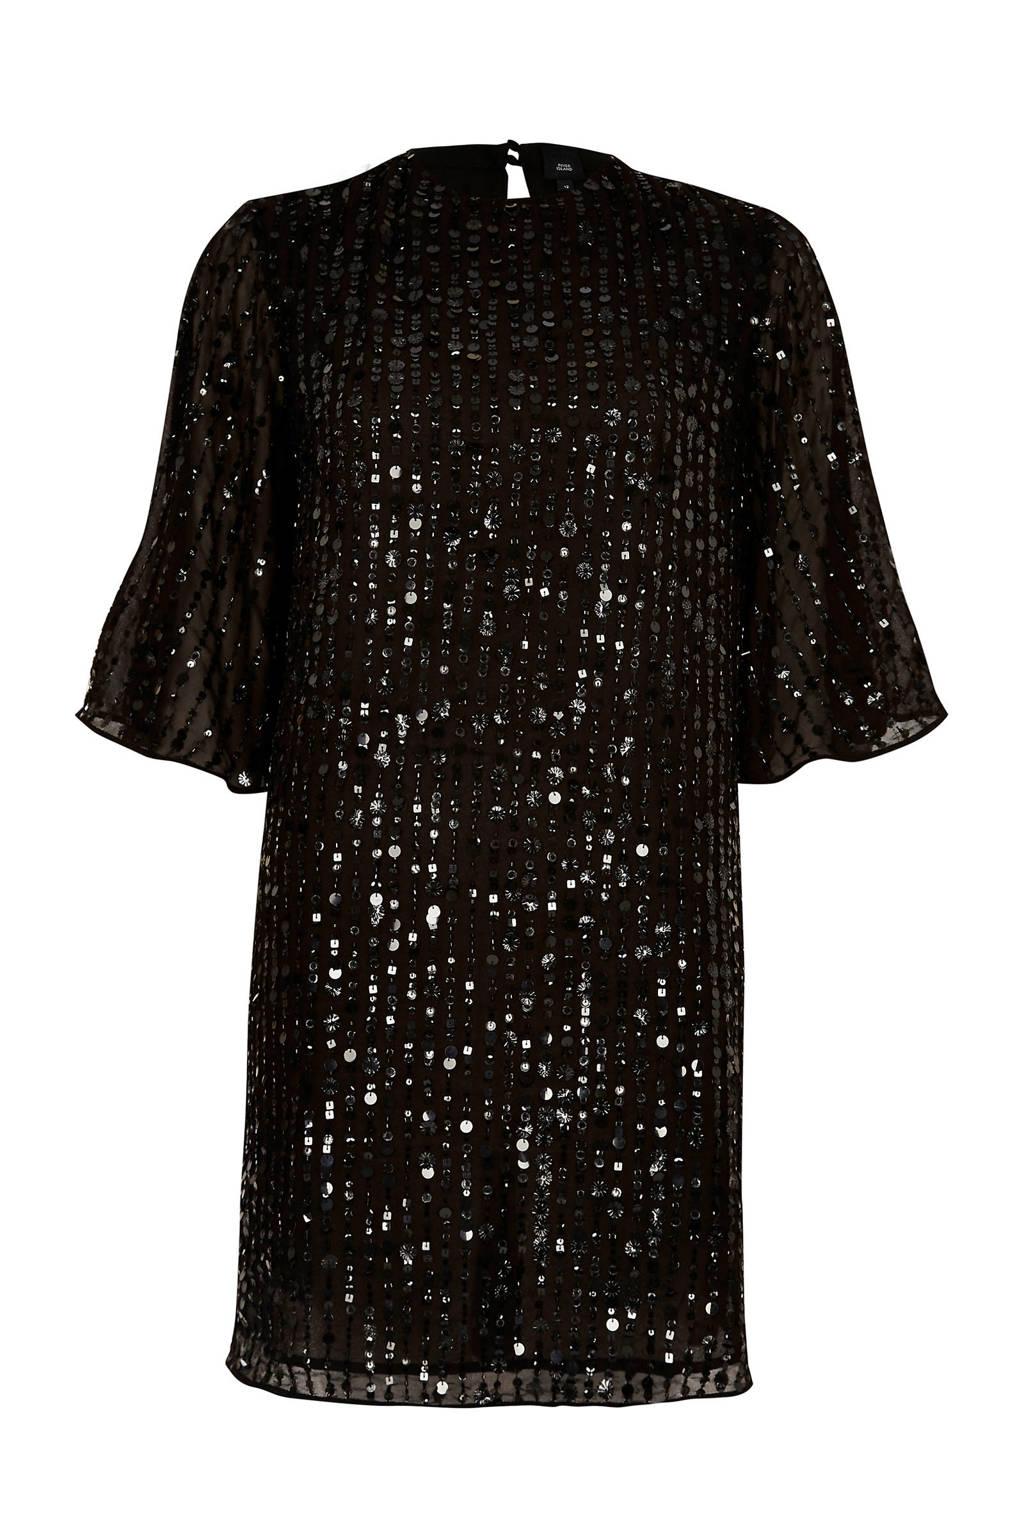 River Island jurk met pailletten, Zwart